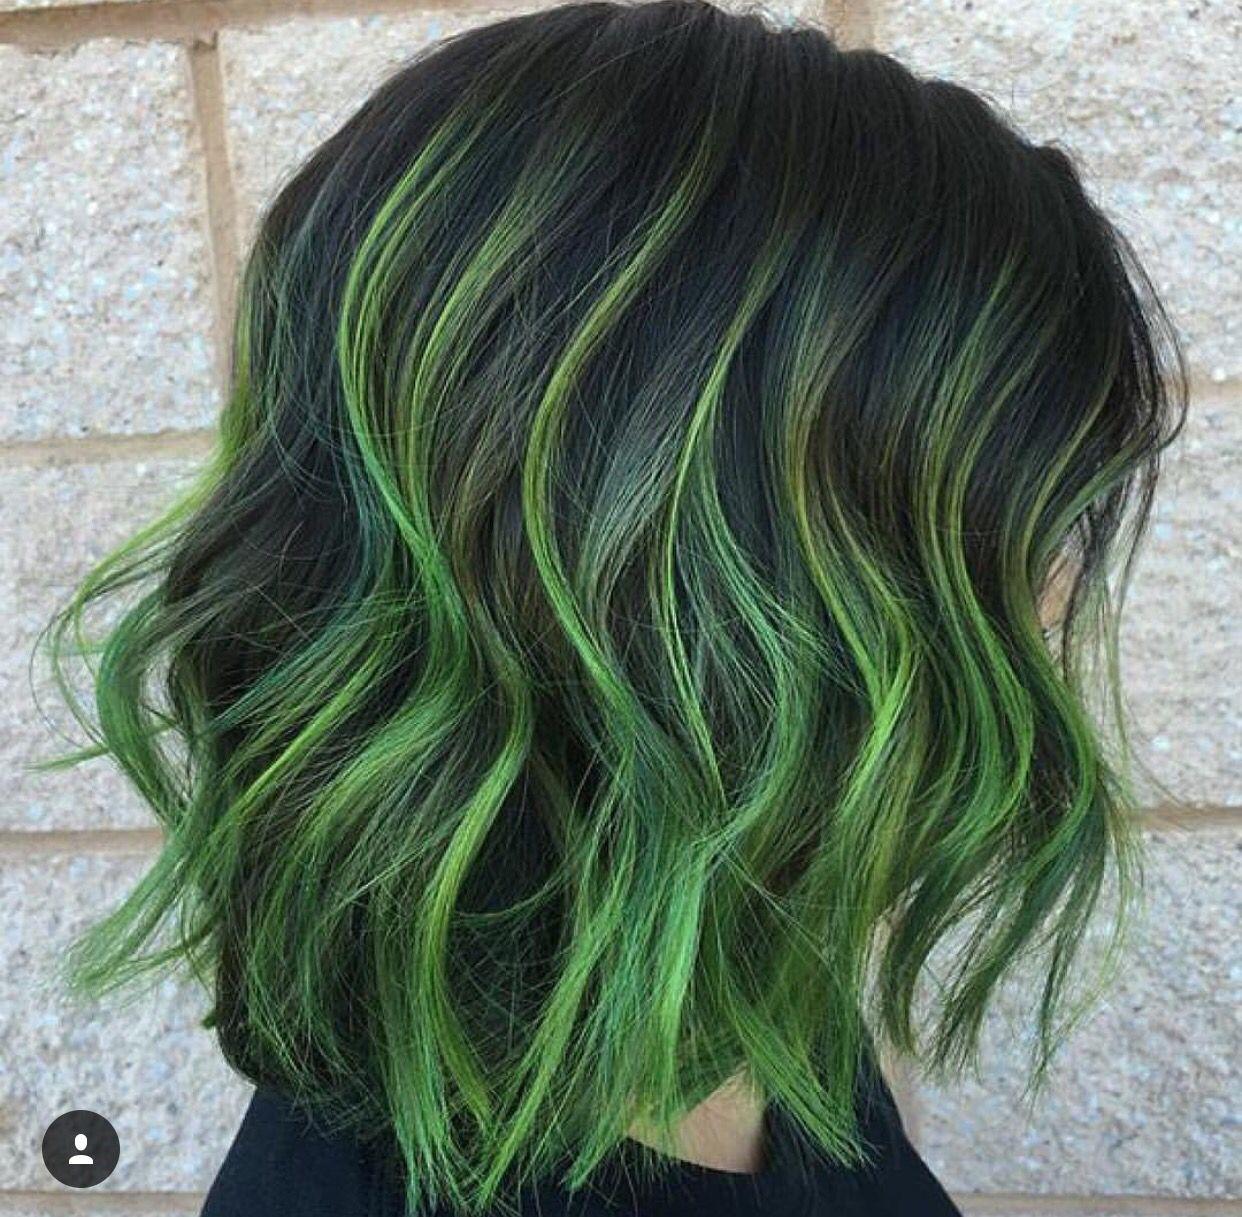 10+ Best For Forest Green Green Hair Dye Men - Elegance Nancy